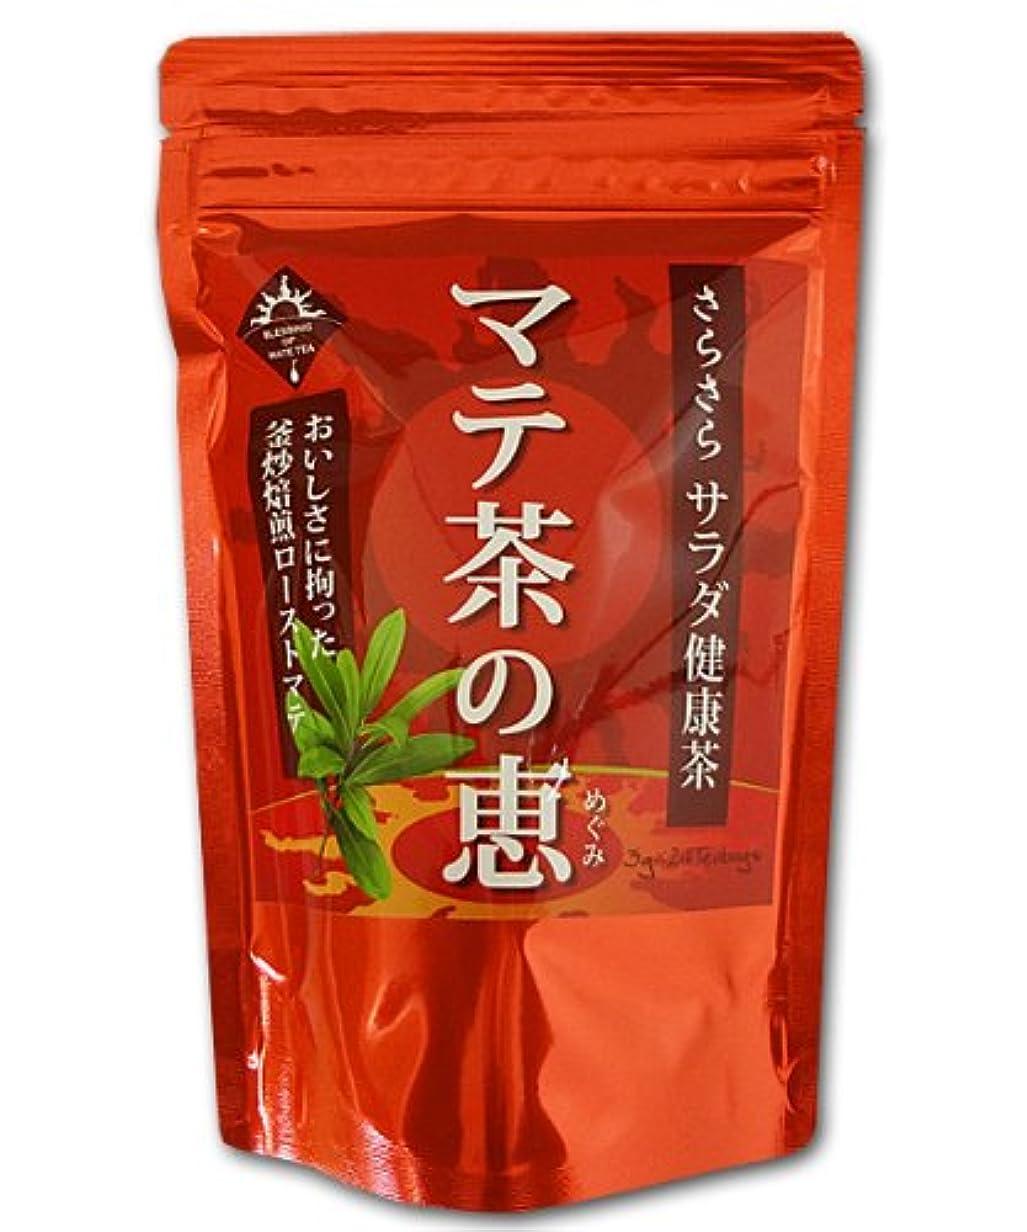 クアッガ簡単な印刷する昭和製薬 マテ茶の恵 3gx24包